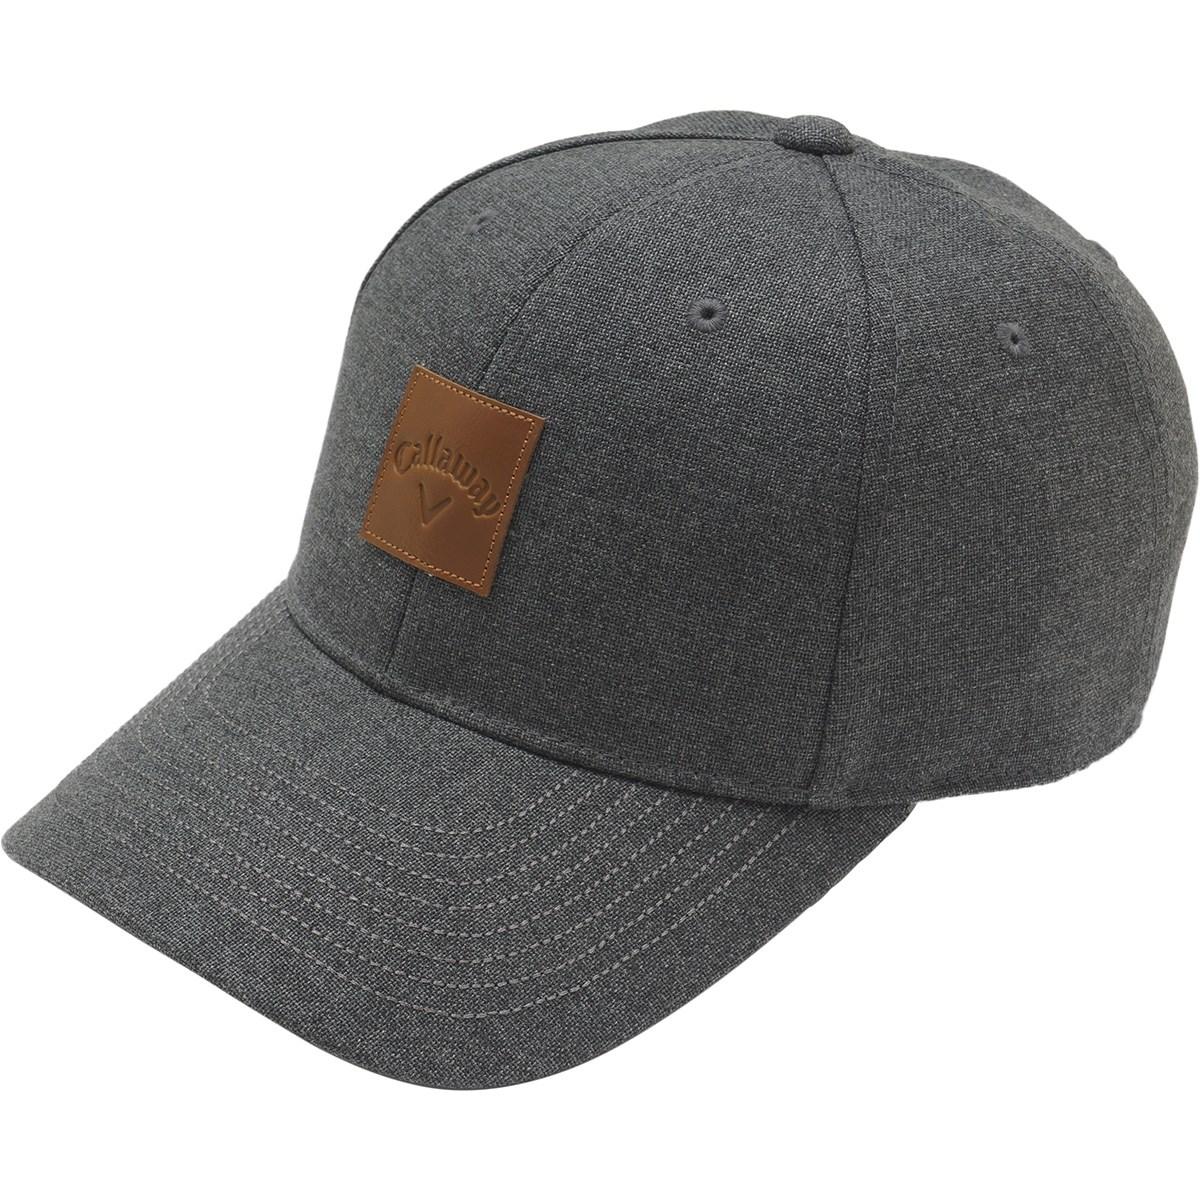 [2020年モデル] キャロウェイゴルフ Callaway Golf ダックキャップ グレー 020 メンズ ゴルフウェア 帽子